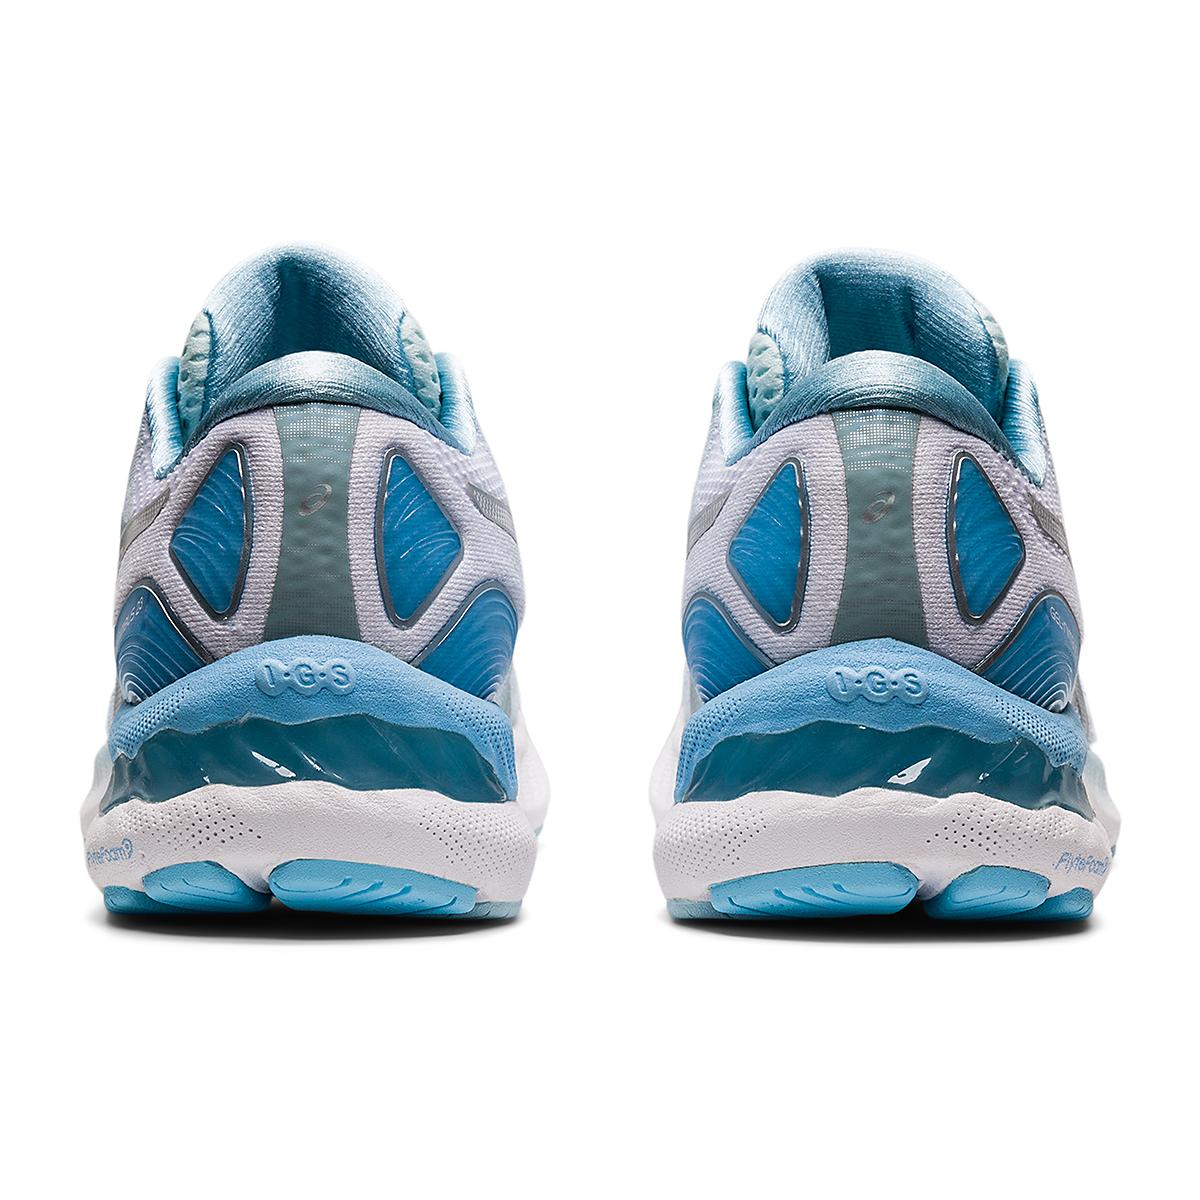 Women's Asics Gel-Nimbus 23 Running Shoe - Color: Aqua Angel/Pure - Size: 5 - Width: Regular, Aqua Angel/Pure, large, image 7